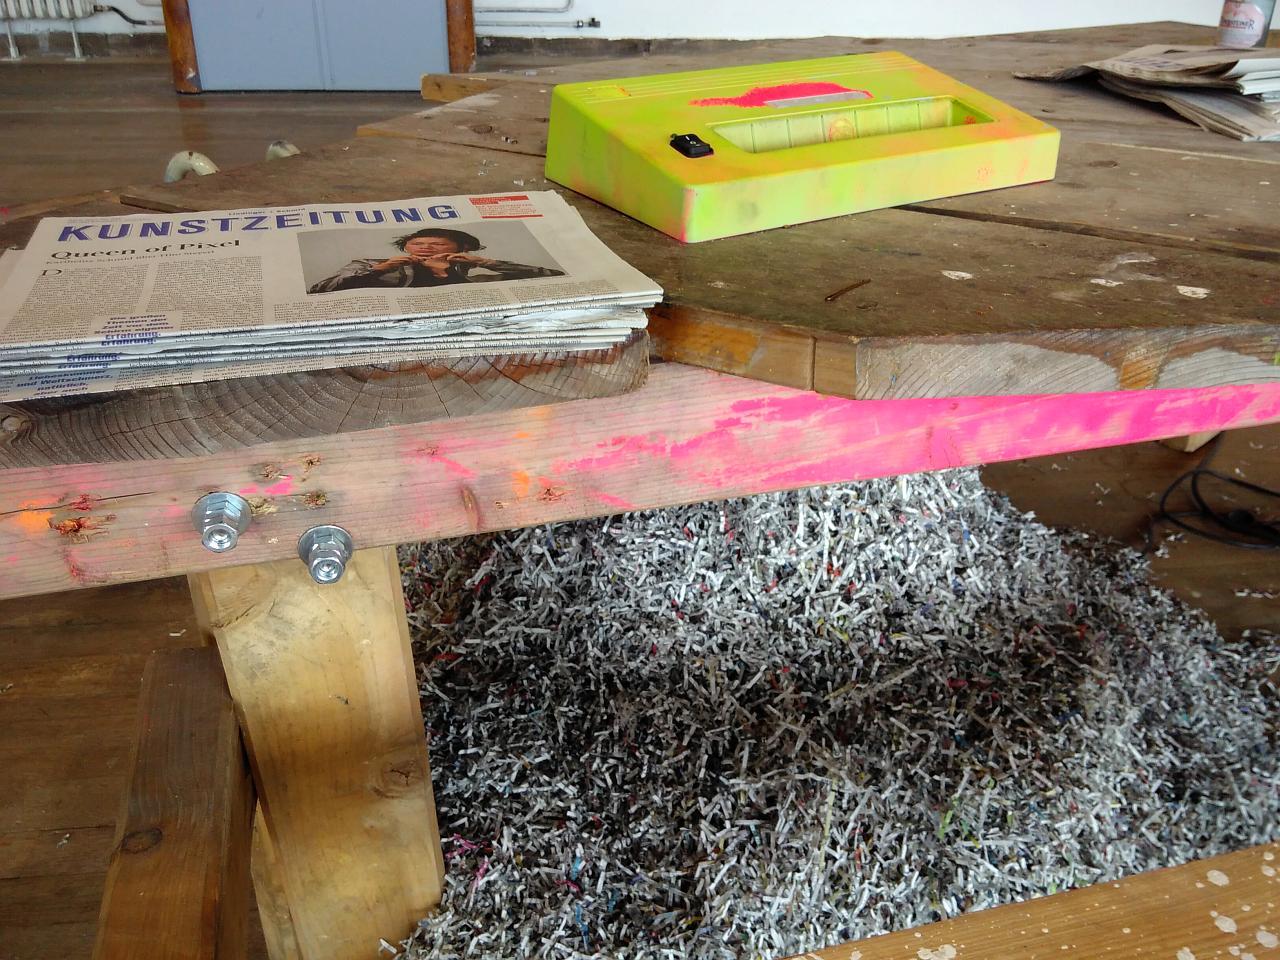 In einen Tisch ist ein Papiershredder eingebaut und in neongelb angemalt. Darunter ist ein Berg geshreddertes Papier sichtbar. Danaben liegt ein Stapel der Kunstzeitung.